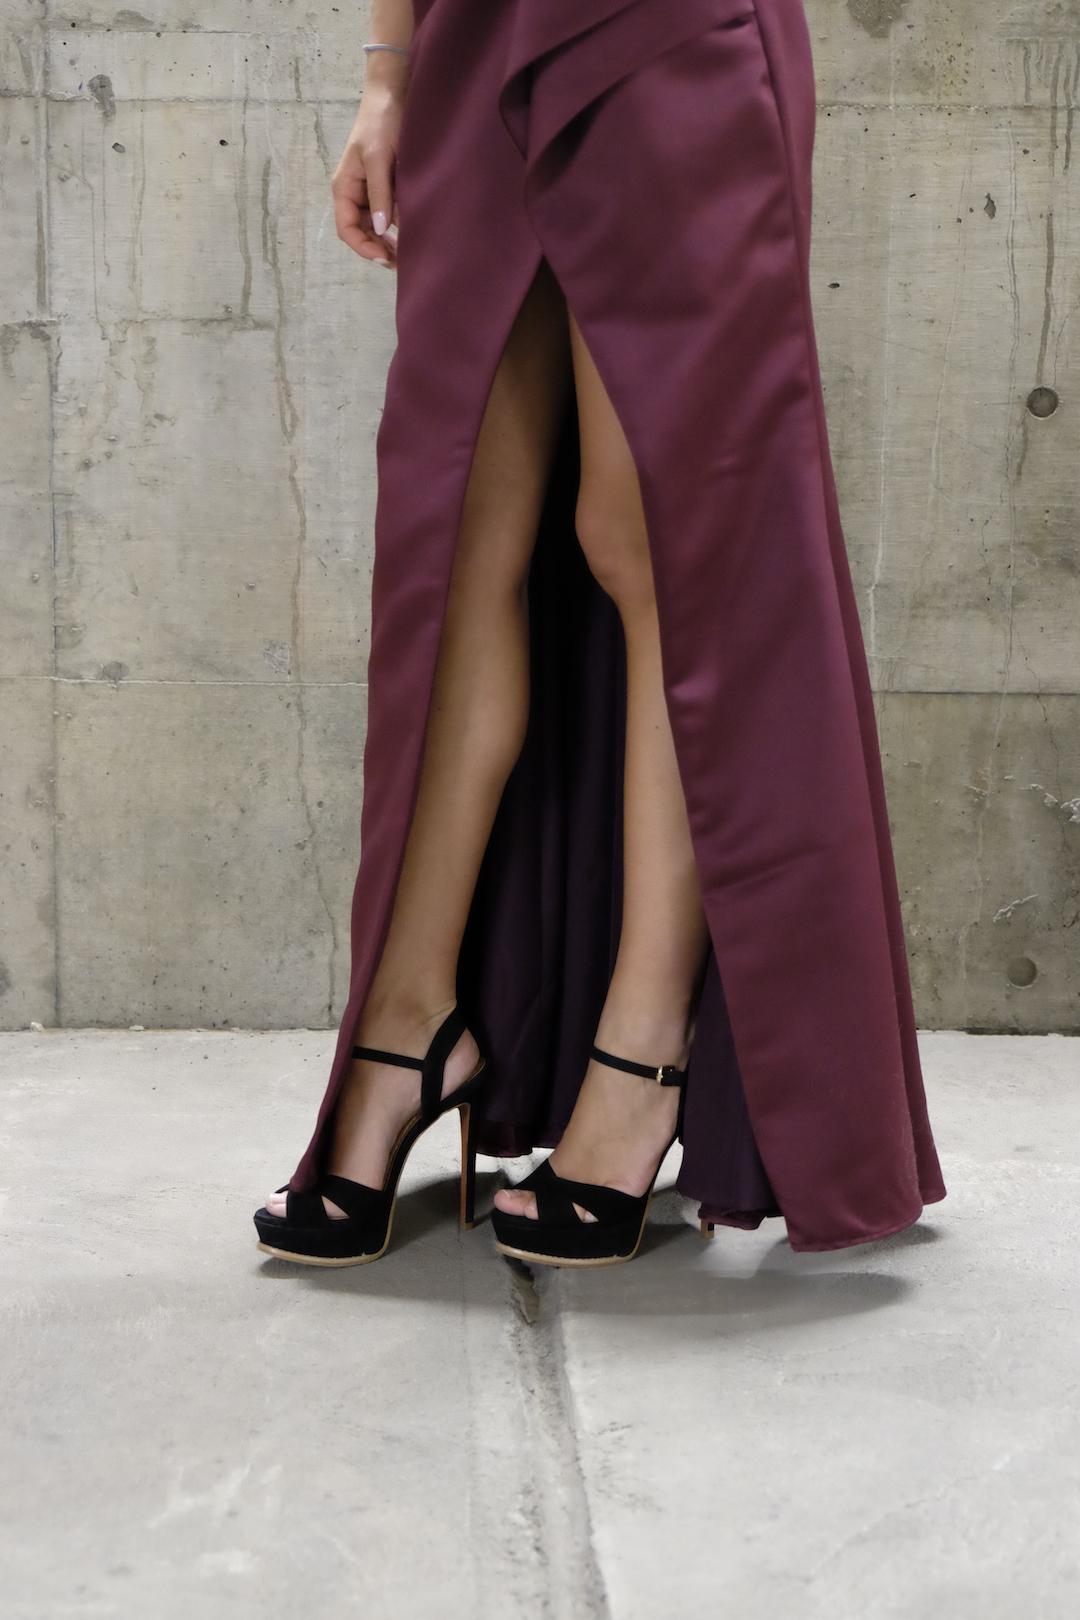 bal_robe_boutique_coup_de_foudre_querelles_06